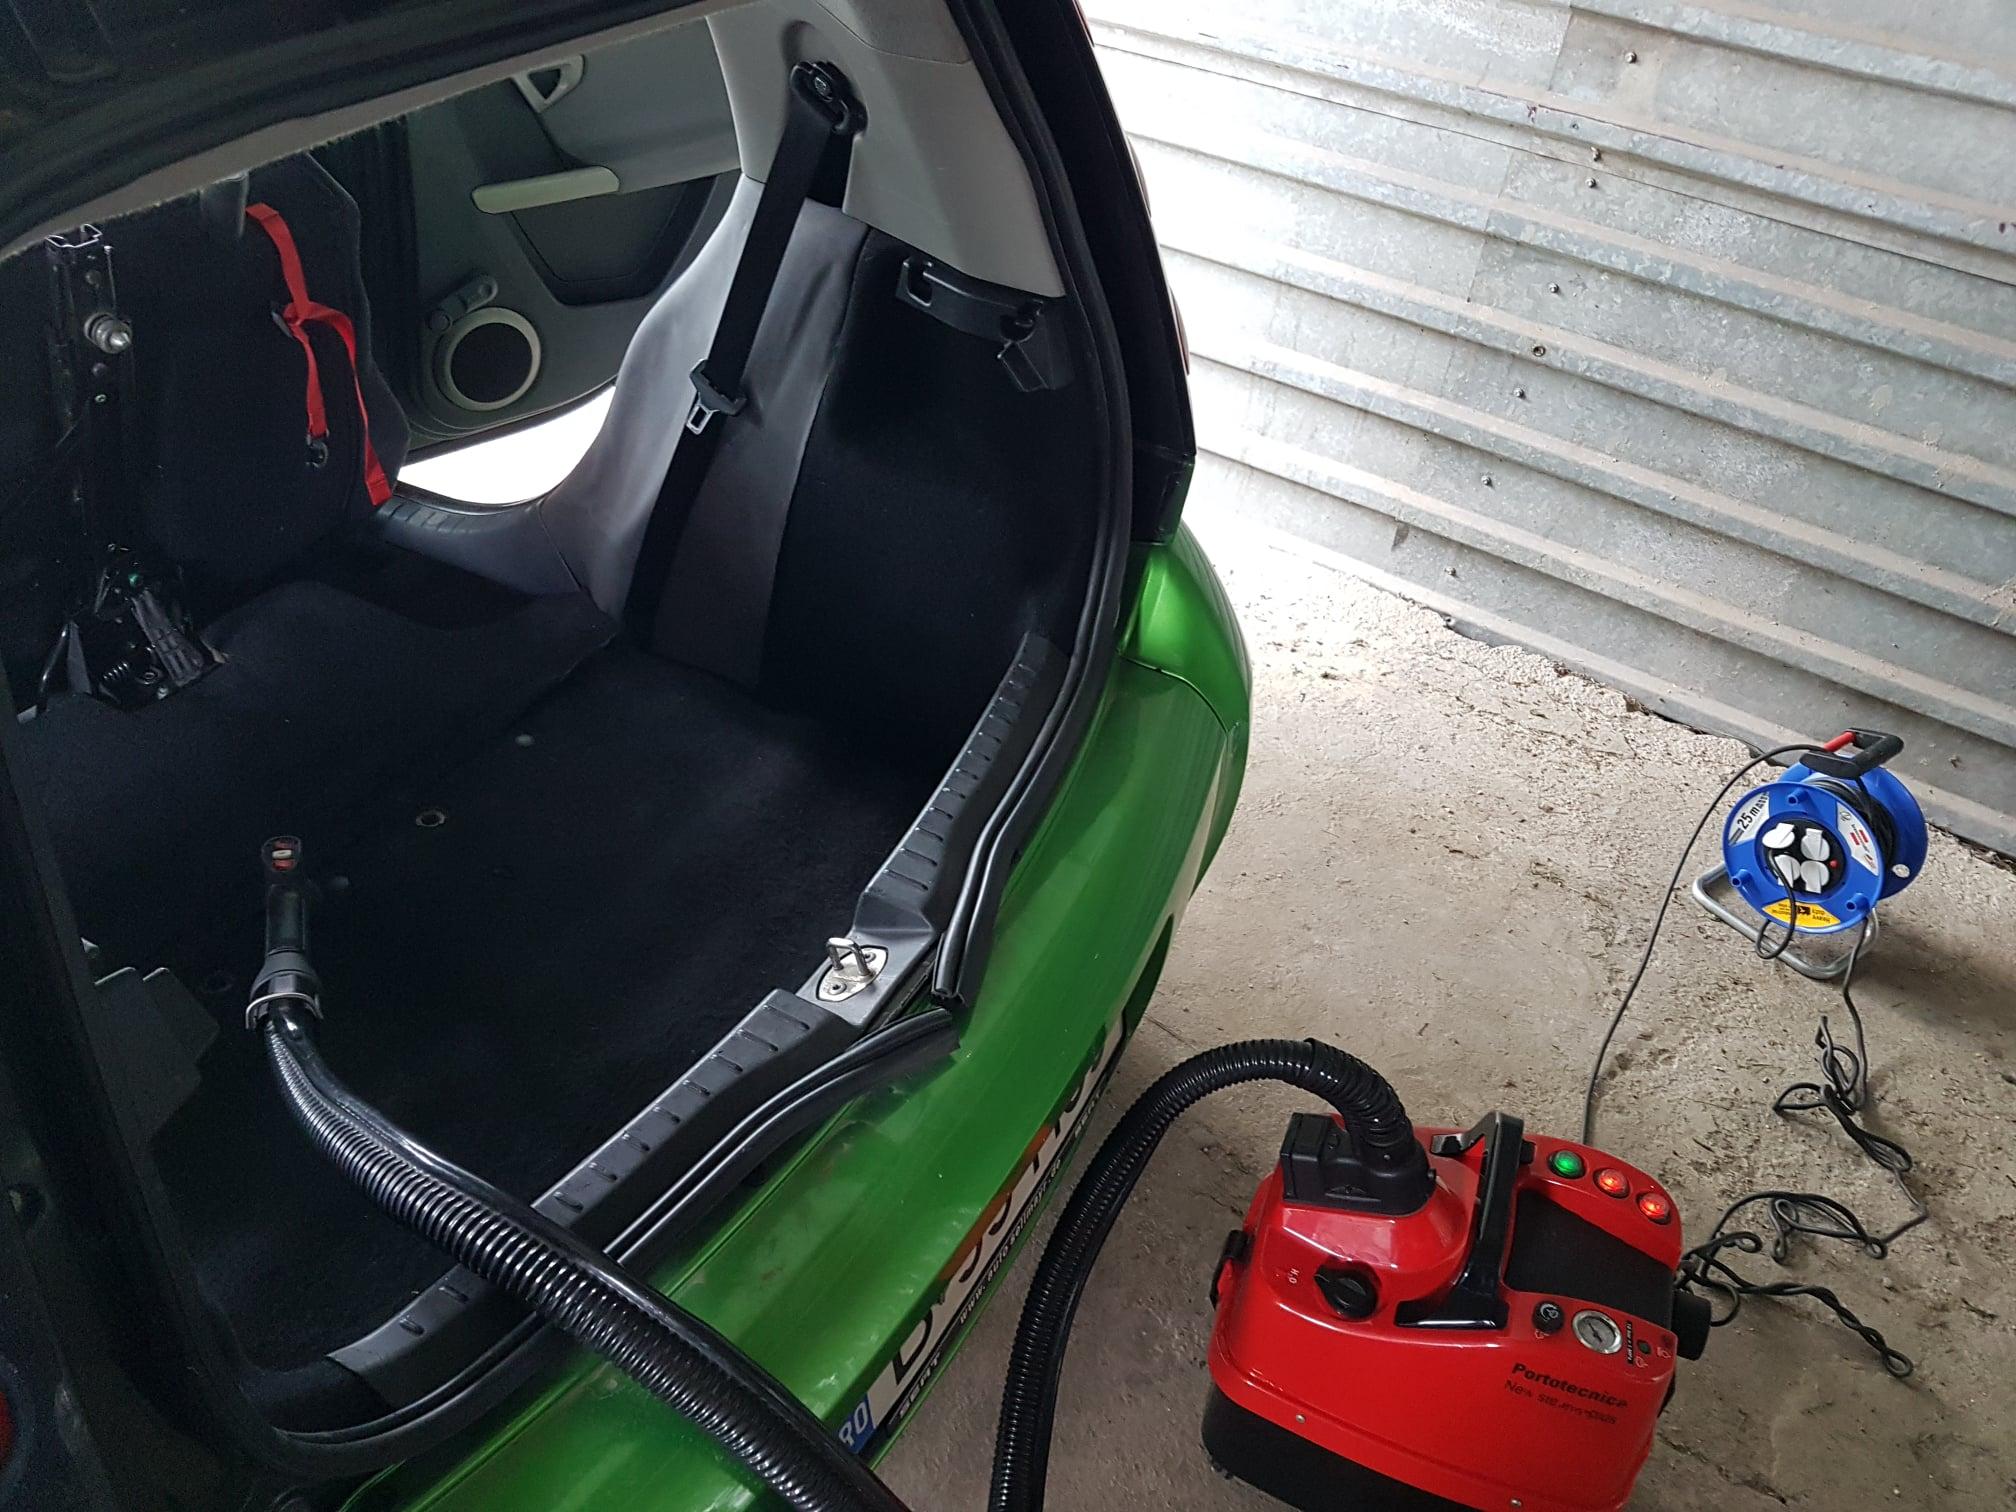 curatare tapiterie cu aburi detailing auto cu aburi spalatorie auto aburi spalare tapiterie auto aburi